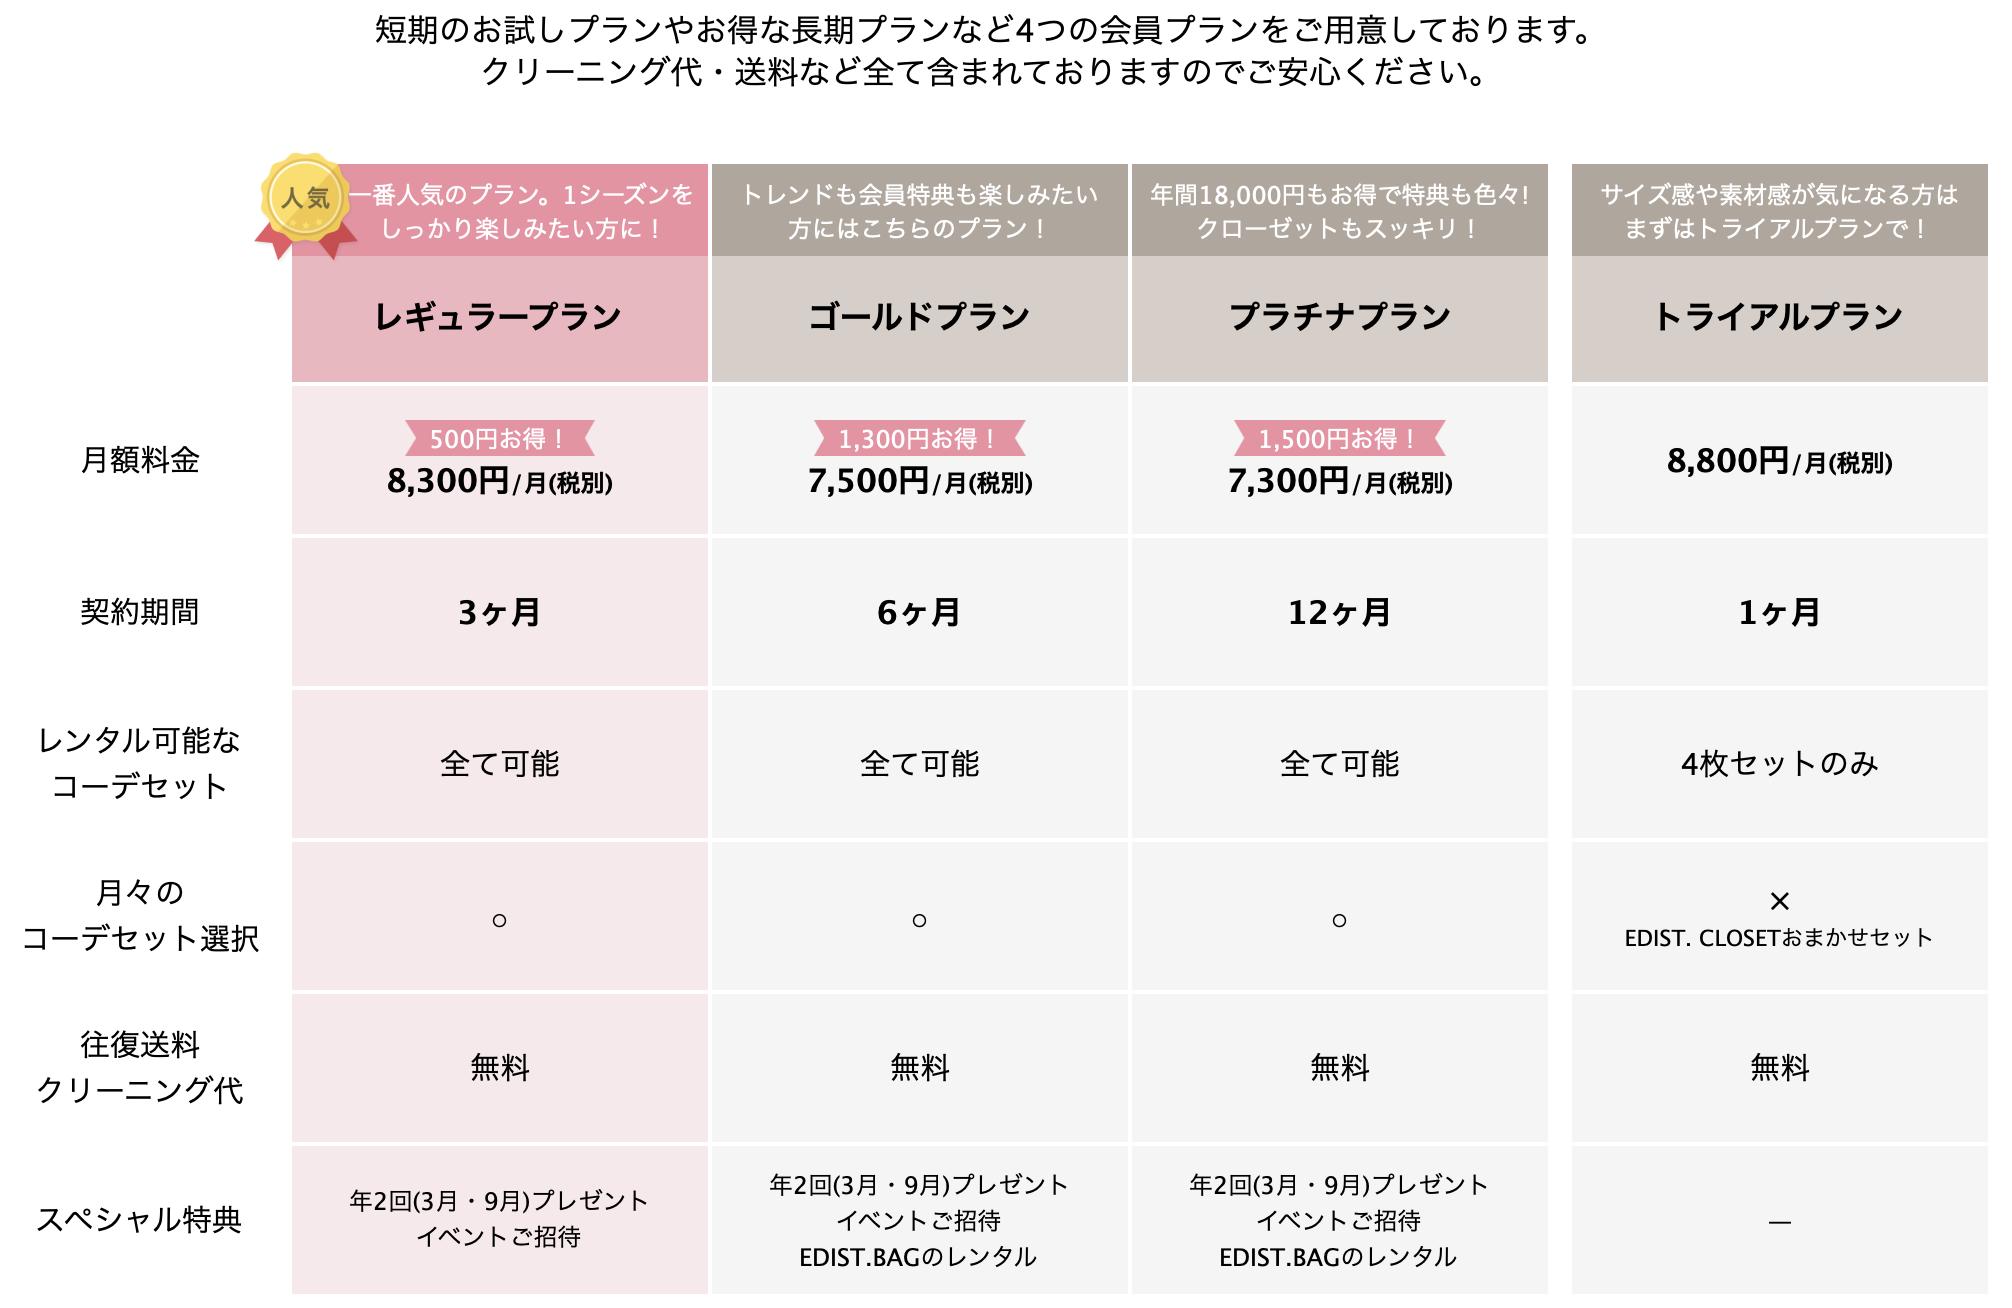 エディスロクローゼットの料金プラン表